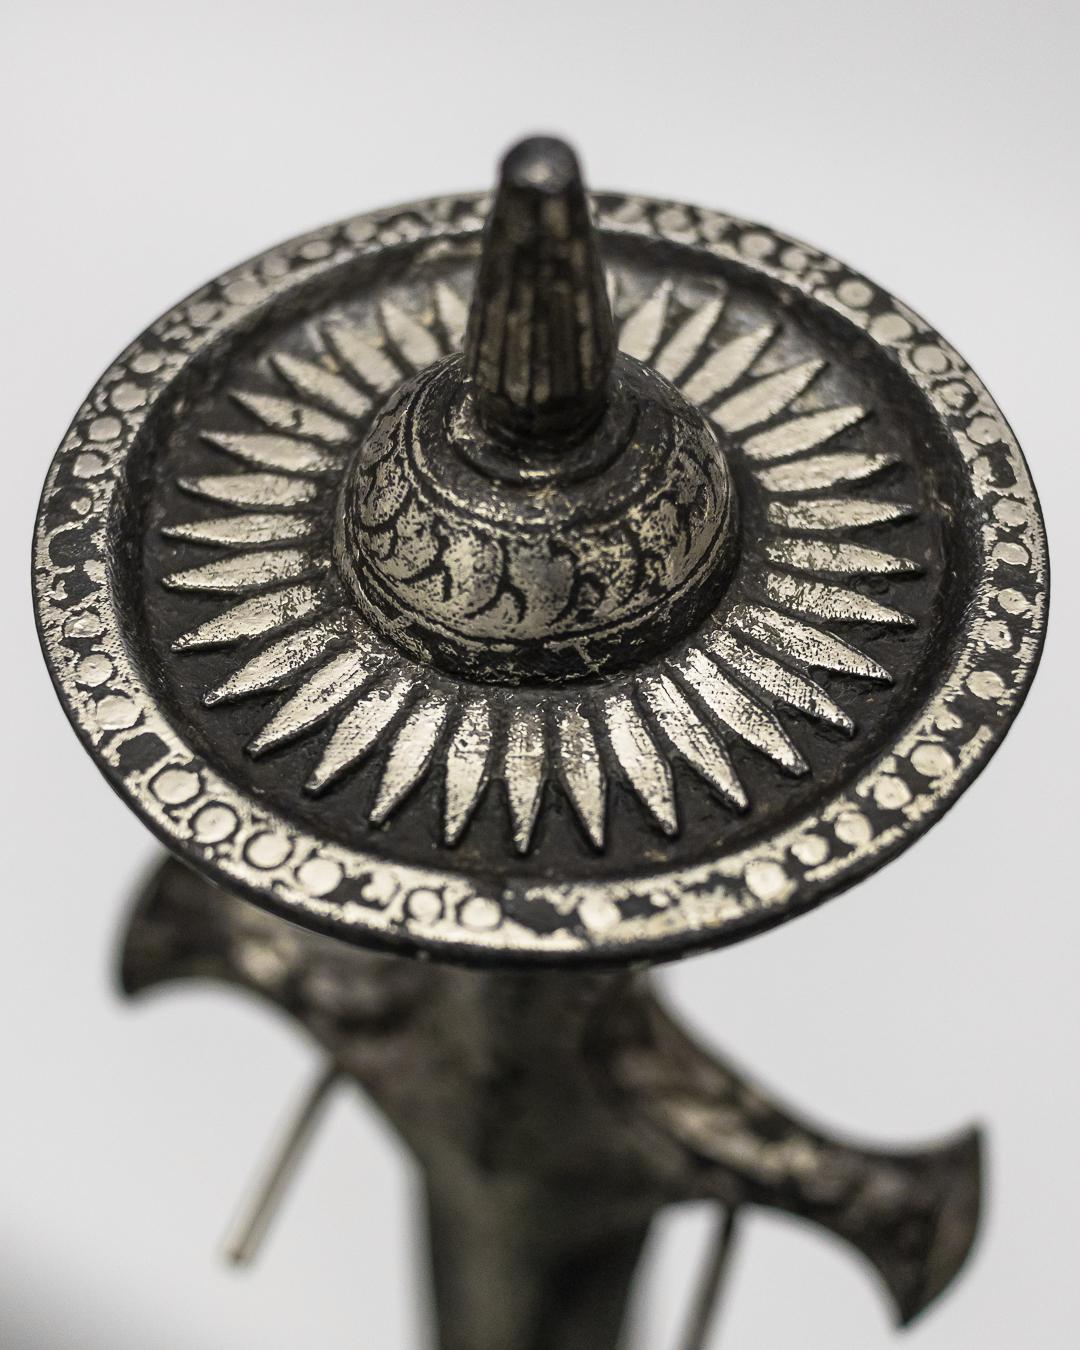 silver-tulwar-pommel.jpg